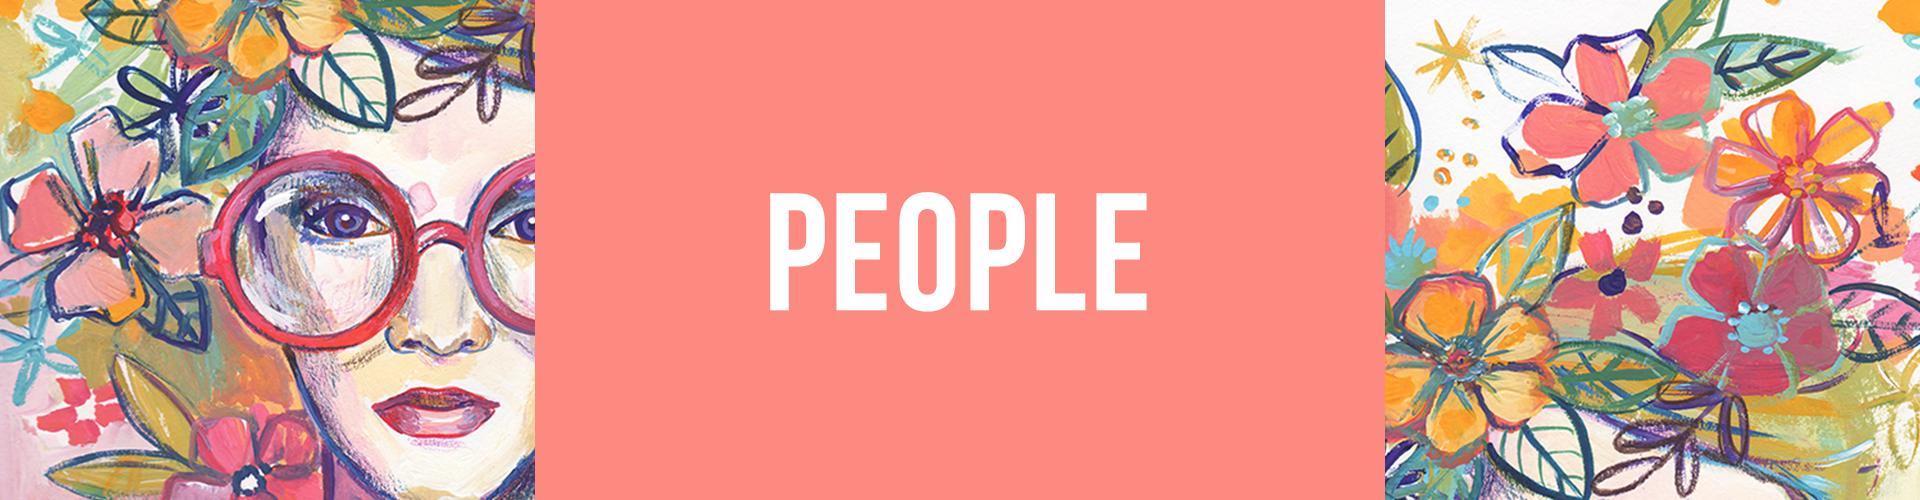 People-header.png